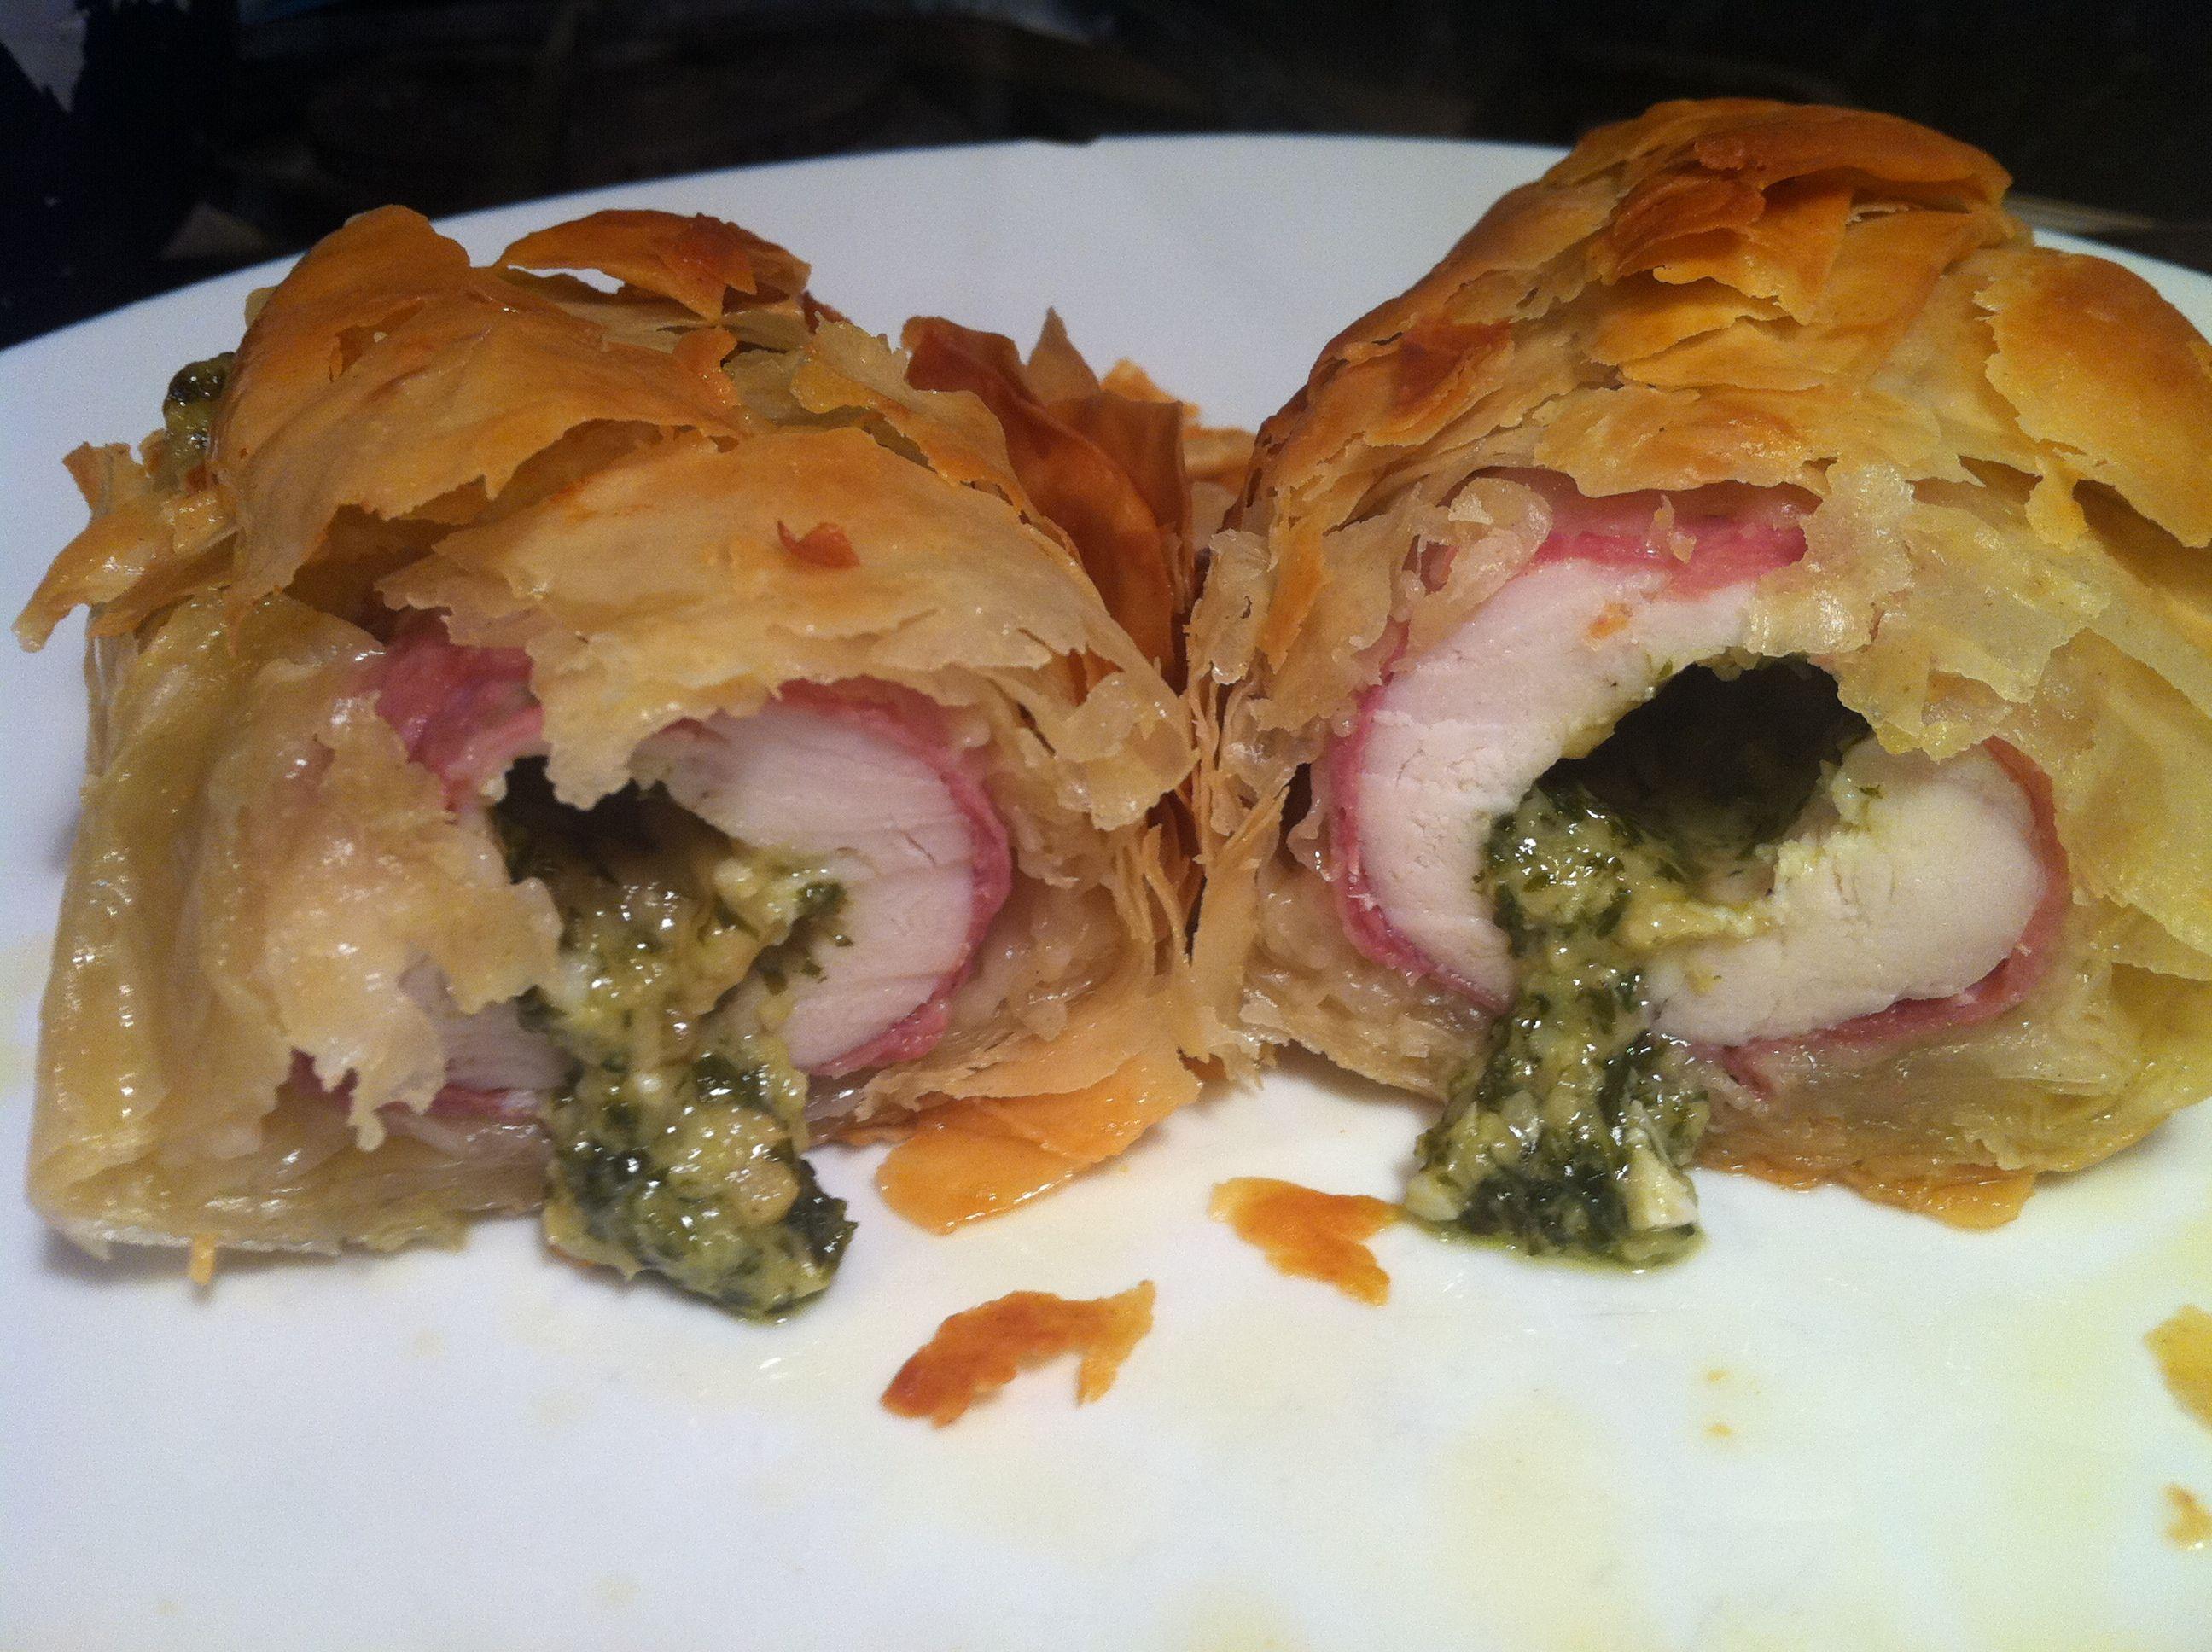 higgidy pesto chicken in filo pastry recipes pesto chicken filo pastry higgidy pesto chicken in filo pastry